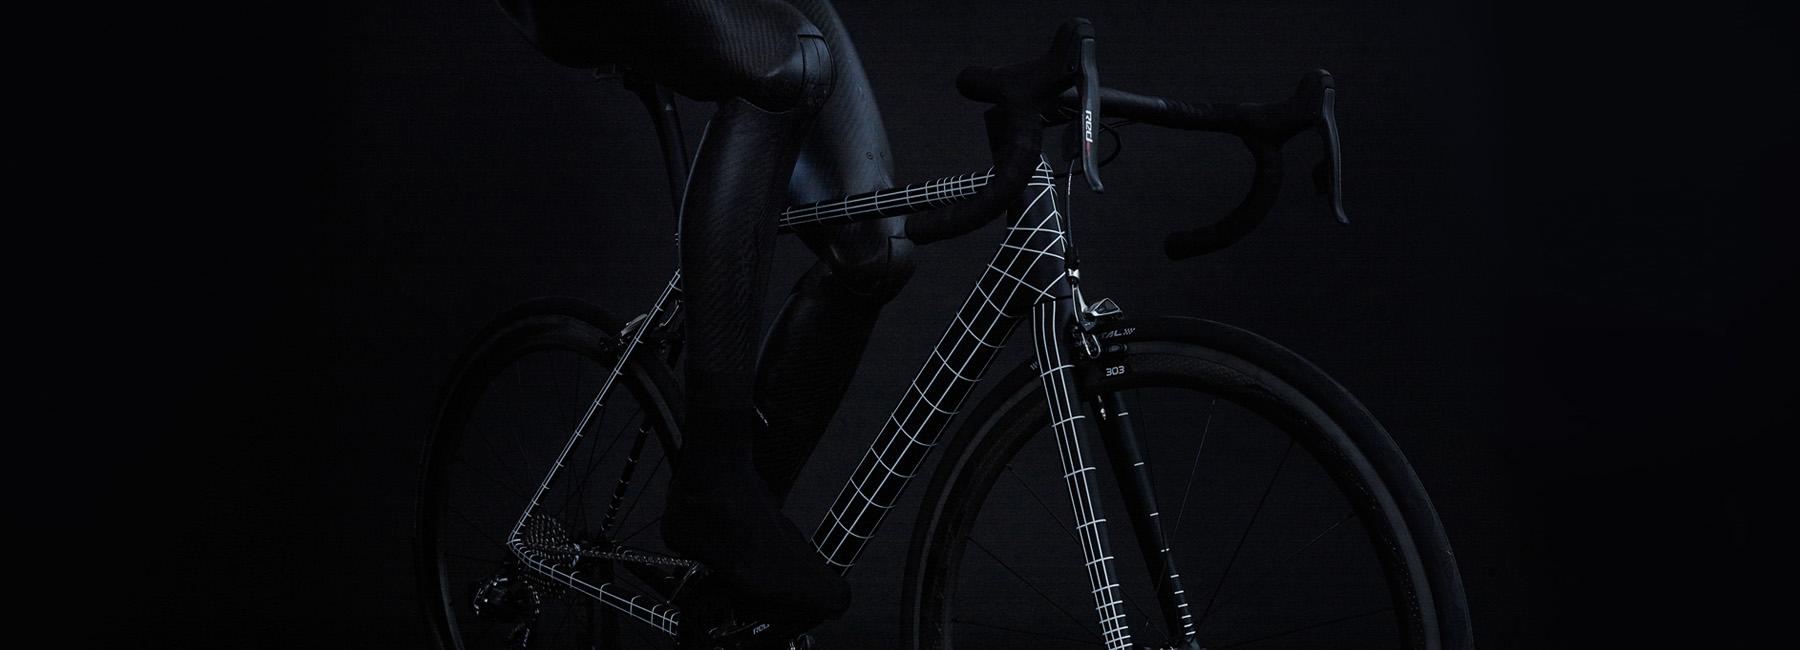 酷炫自行车设计